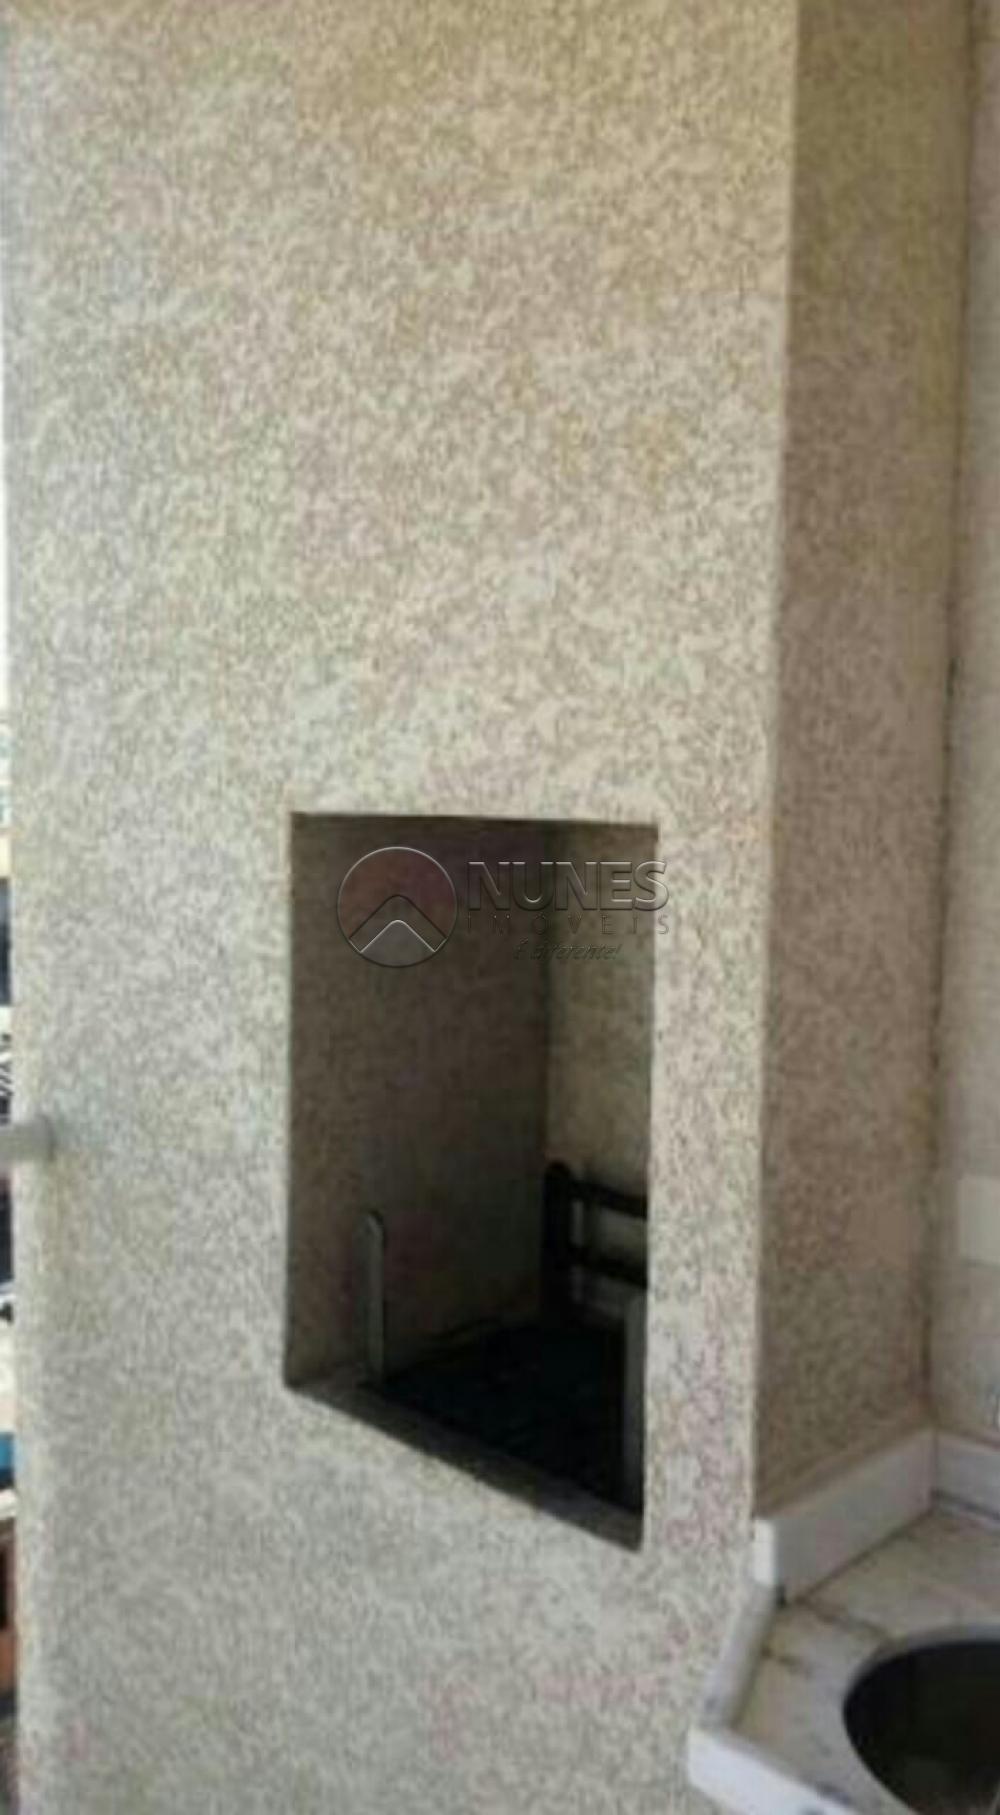 Comprar Apartamento / Padrão em Carapicuíba apenas R$ 190.000,00 - Foto 11